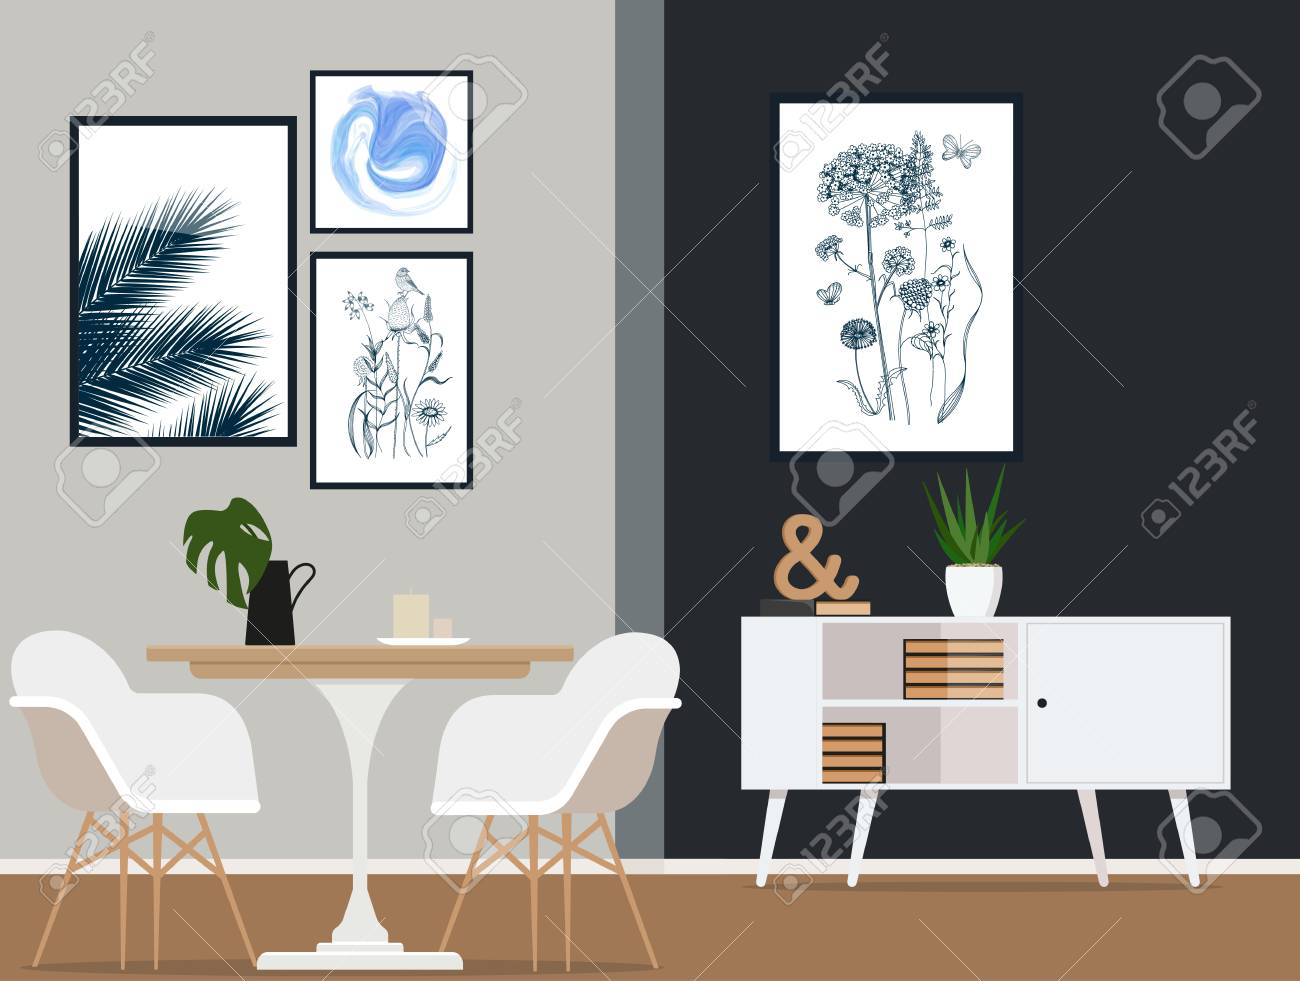 Diseño interior de una habitación de comedor moderno con muebles de moda  retro. ilustración vectorial .